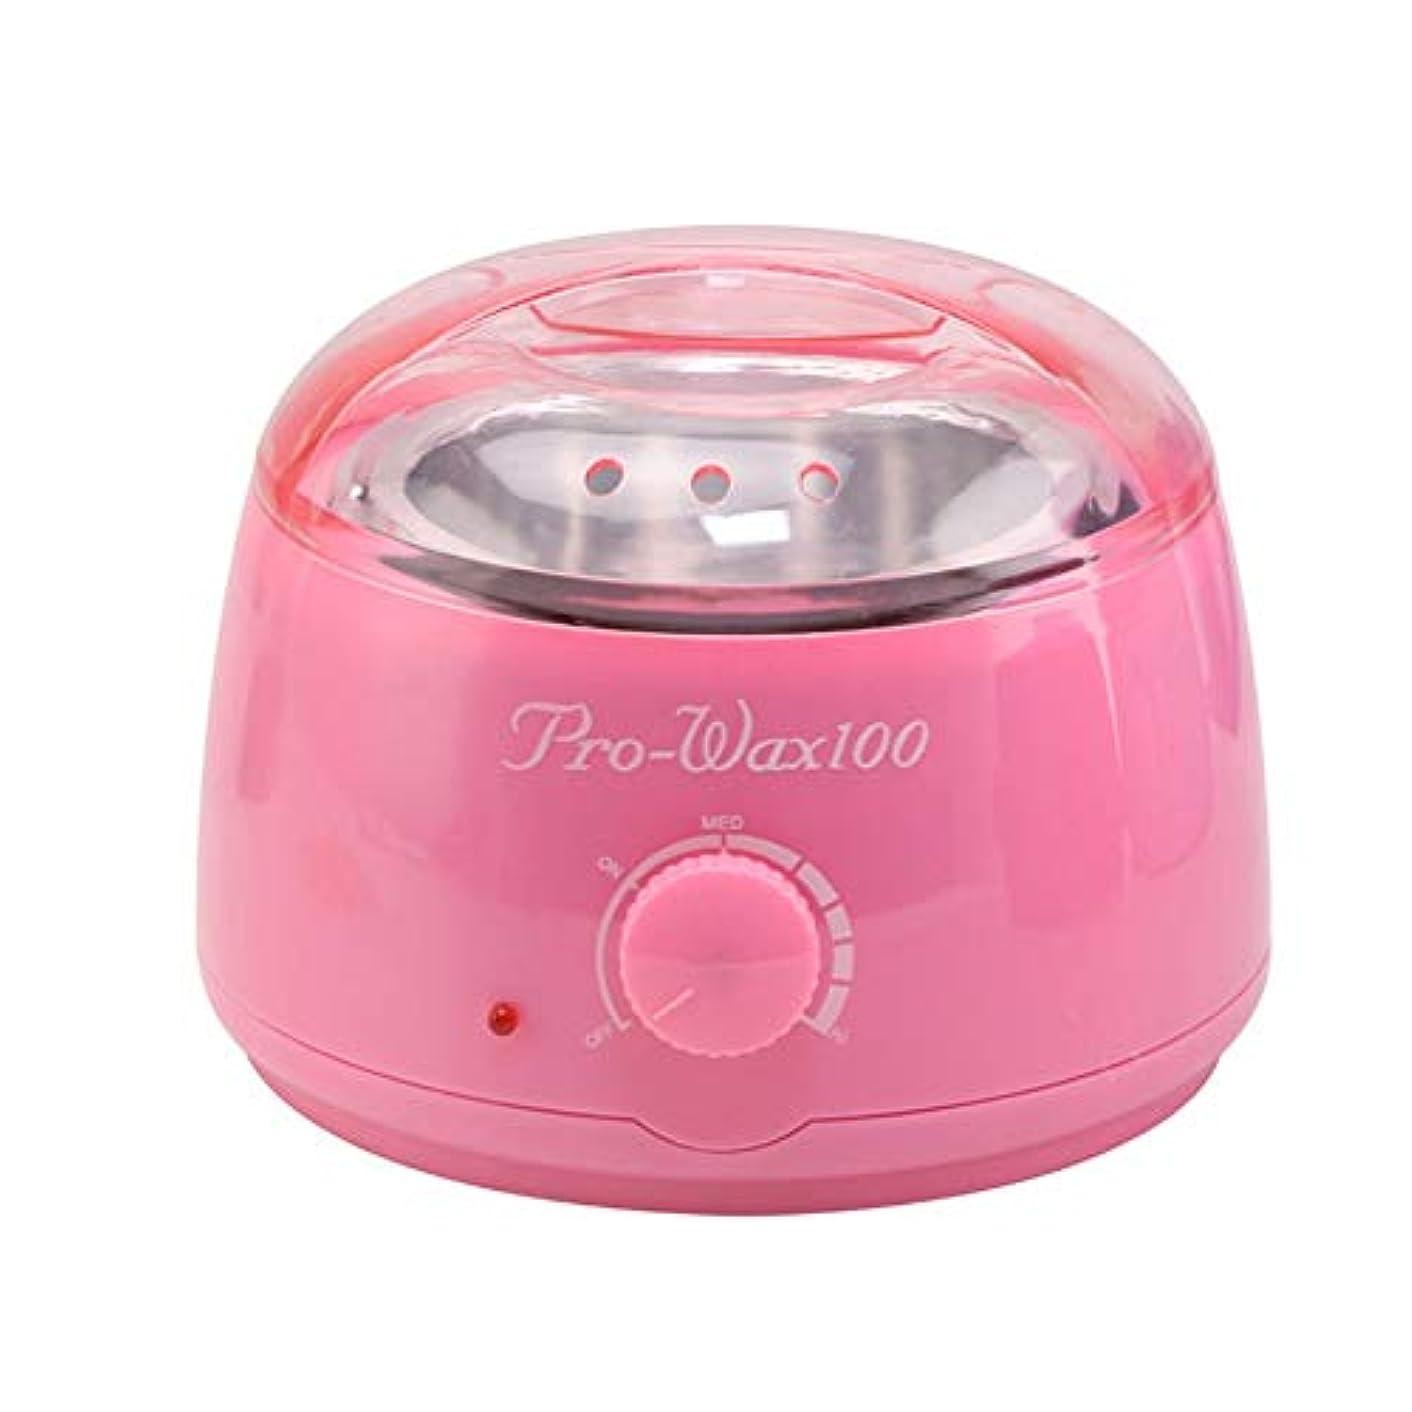 絶対のモバイルアサープロフェッショナル暖かいワックスヒーター脱毛ツールミニスパ手足パラフィンワックス機ボディ脱毛ワックス豆ホットワックス脱毛脱毛ワックス機500CC (Color : Pink)